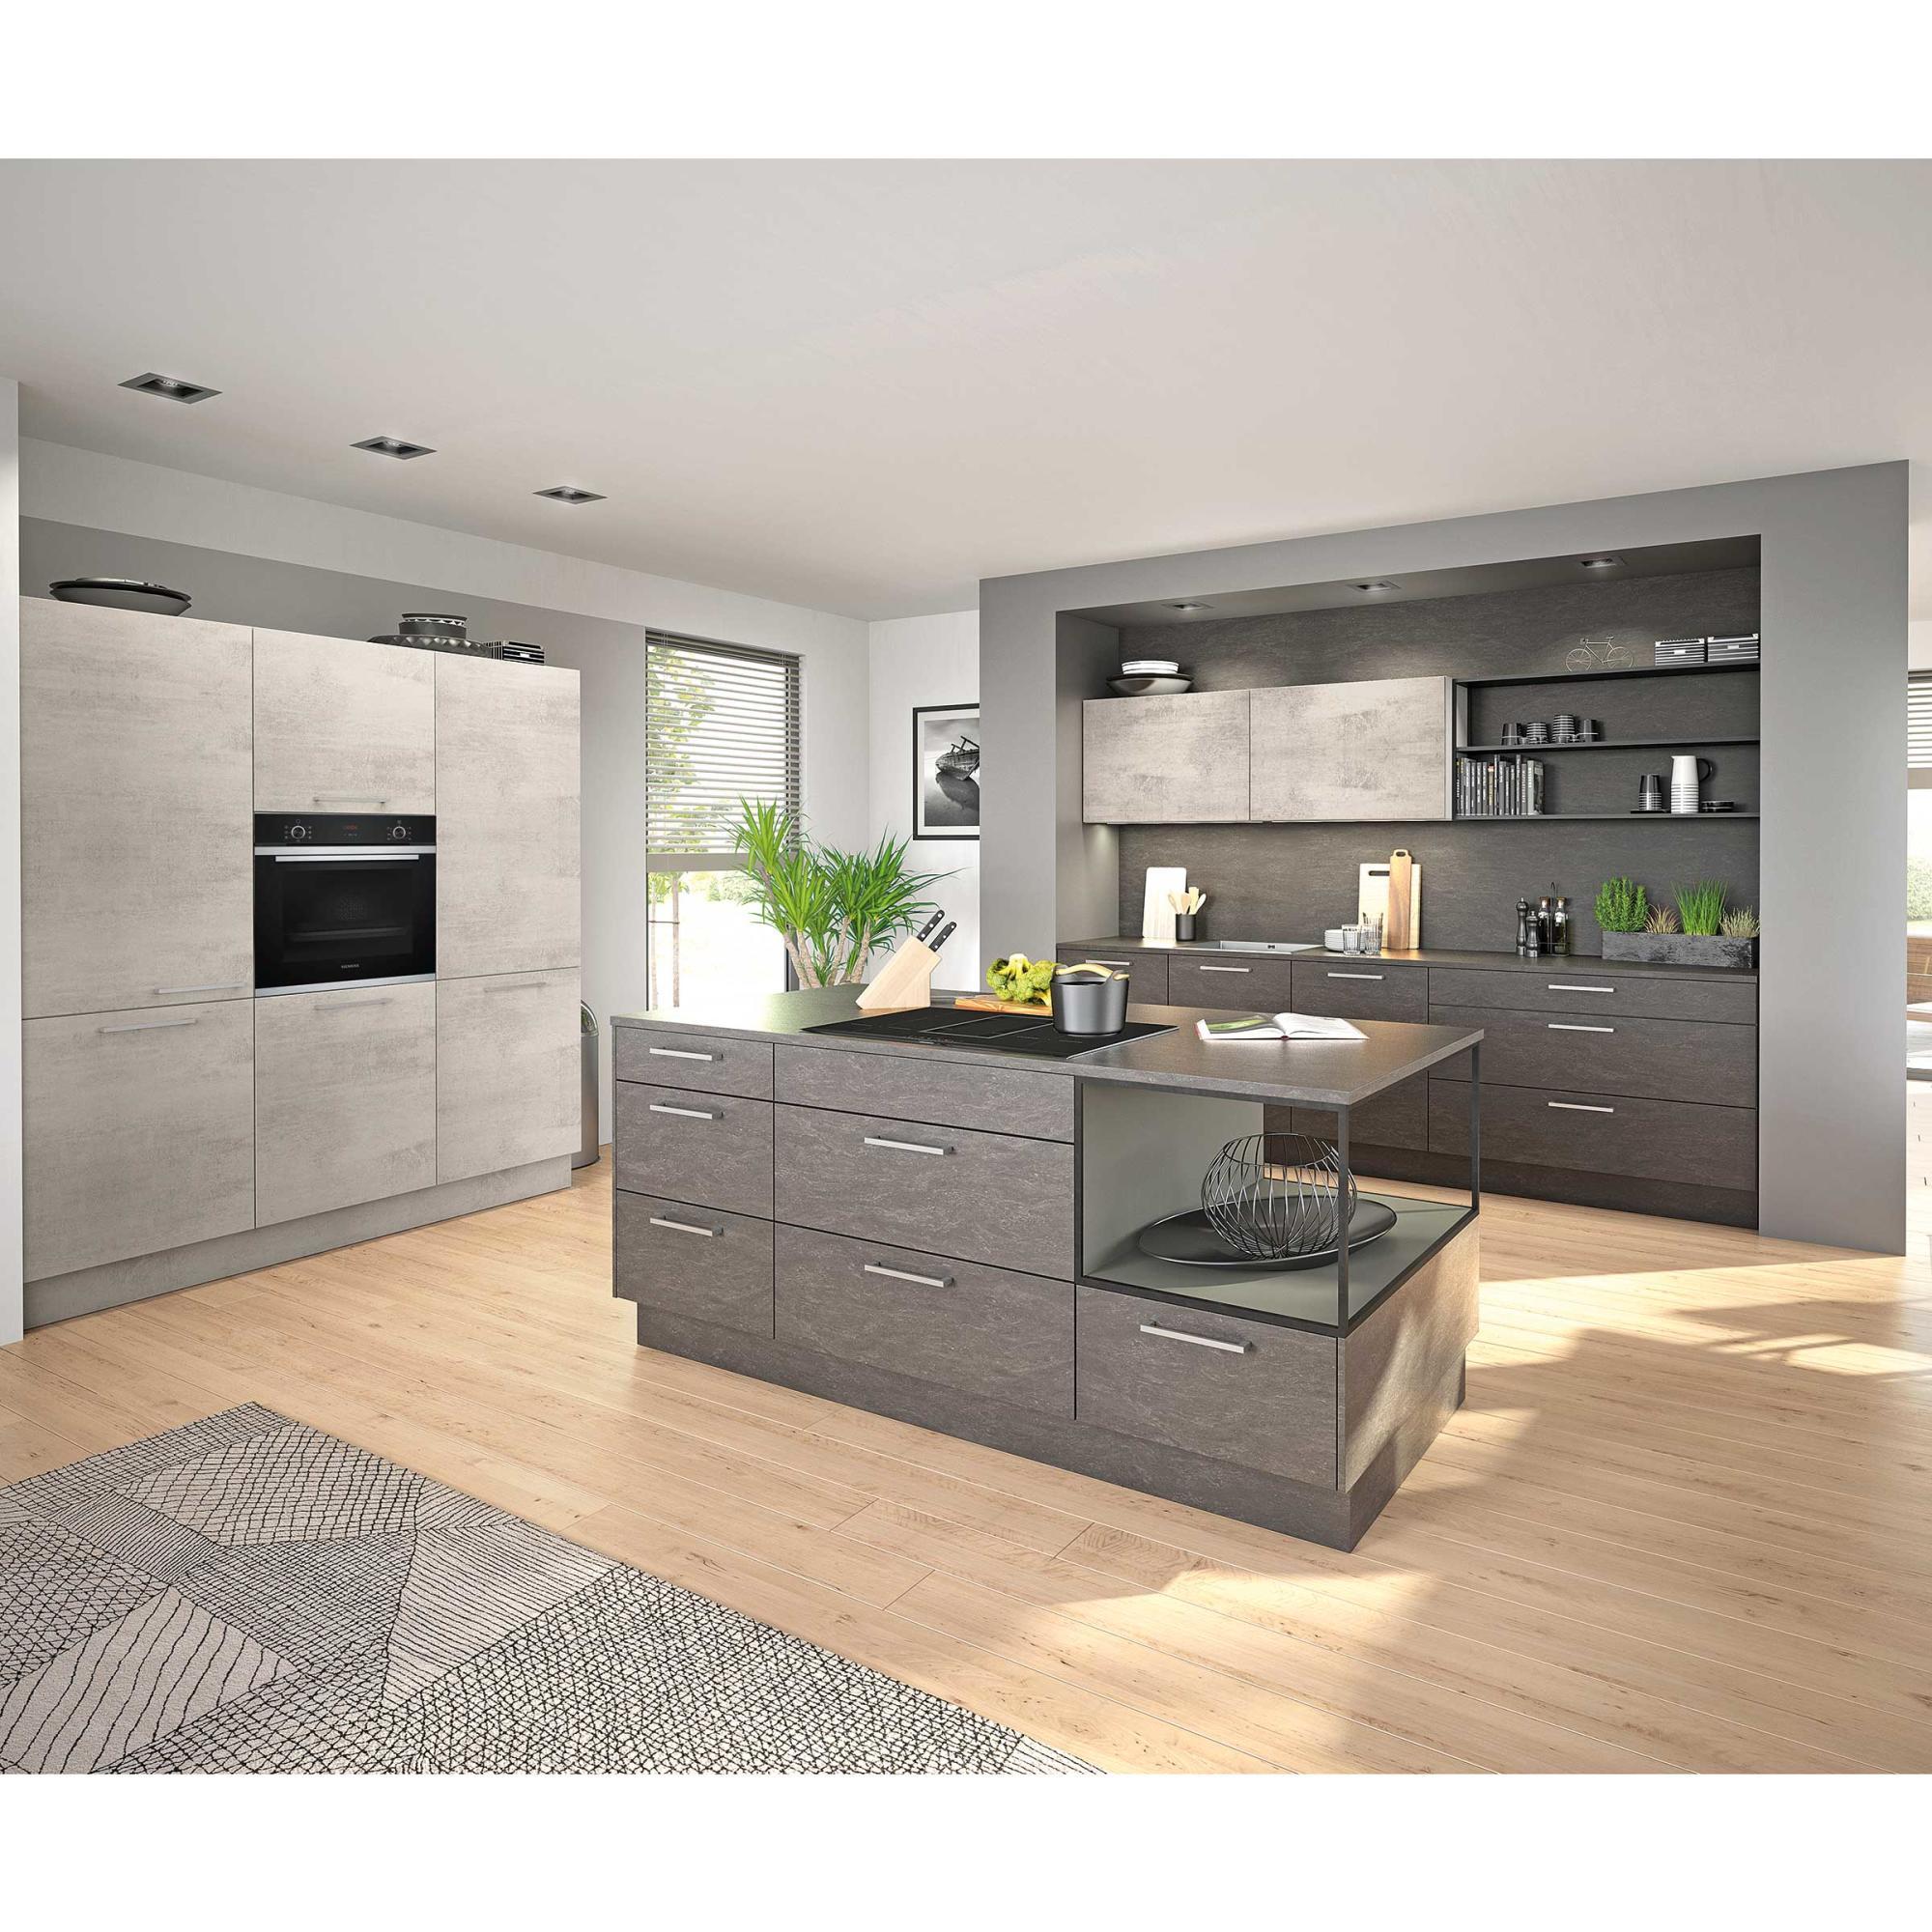 Full Size of Küchenmöbel Mbel Martin Kchenmbel Online Kaufen Wohnzimmer Küchenmöbel